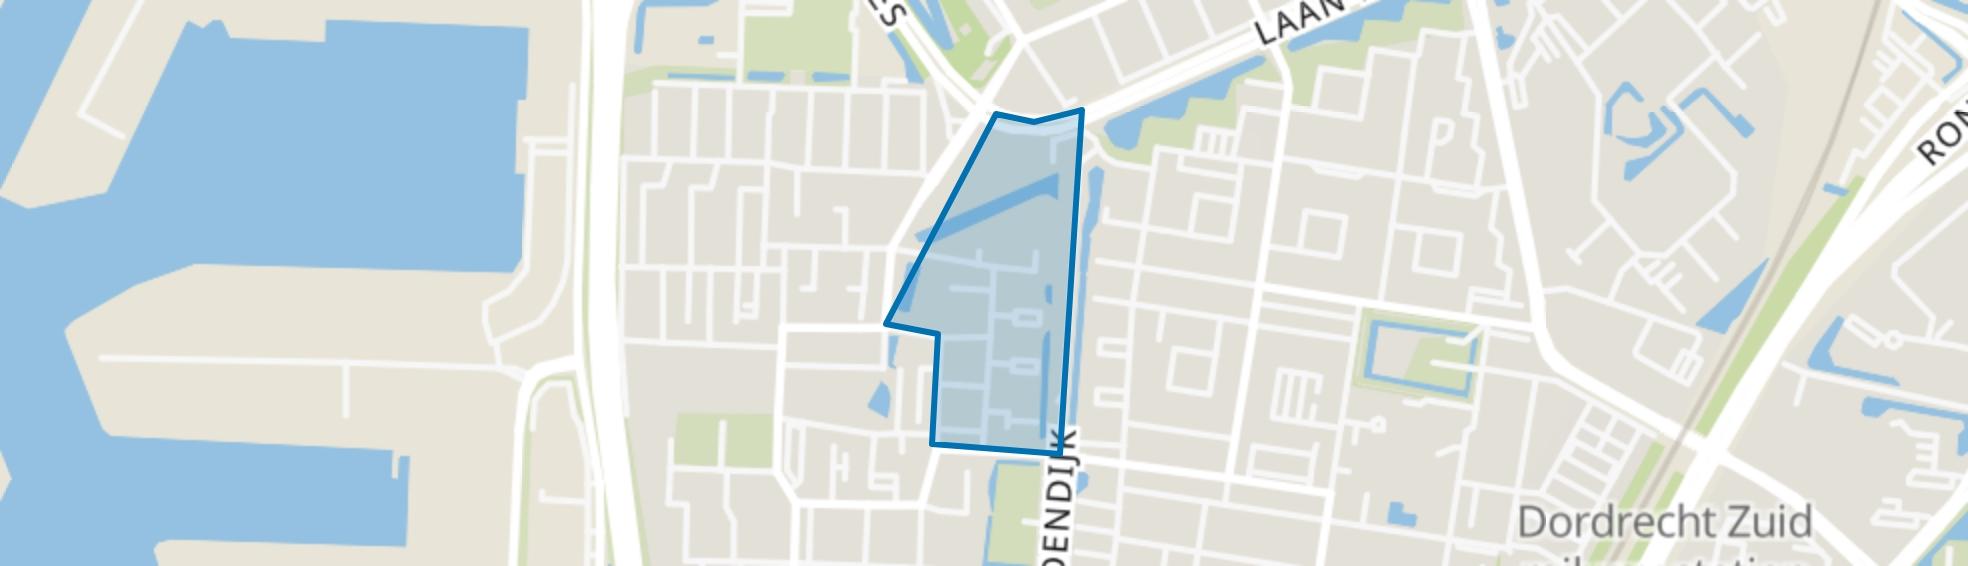 Dorus Rijkersstraat en omgeving, Dordrecht map